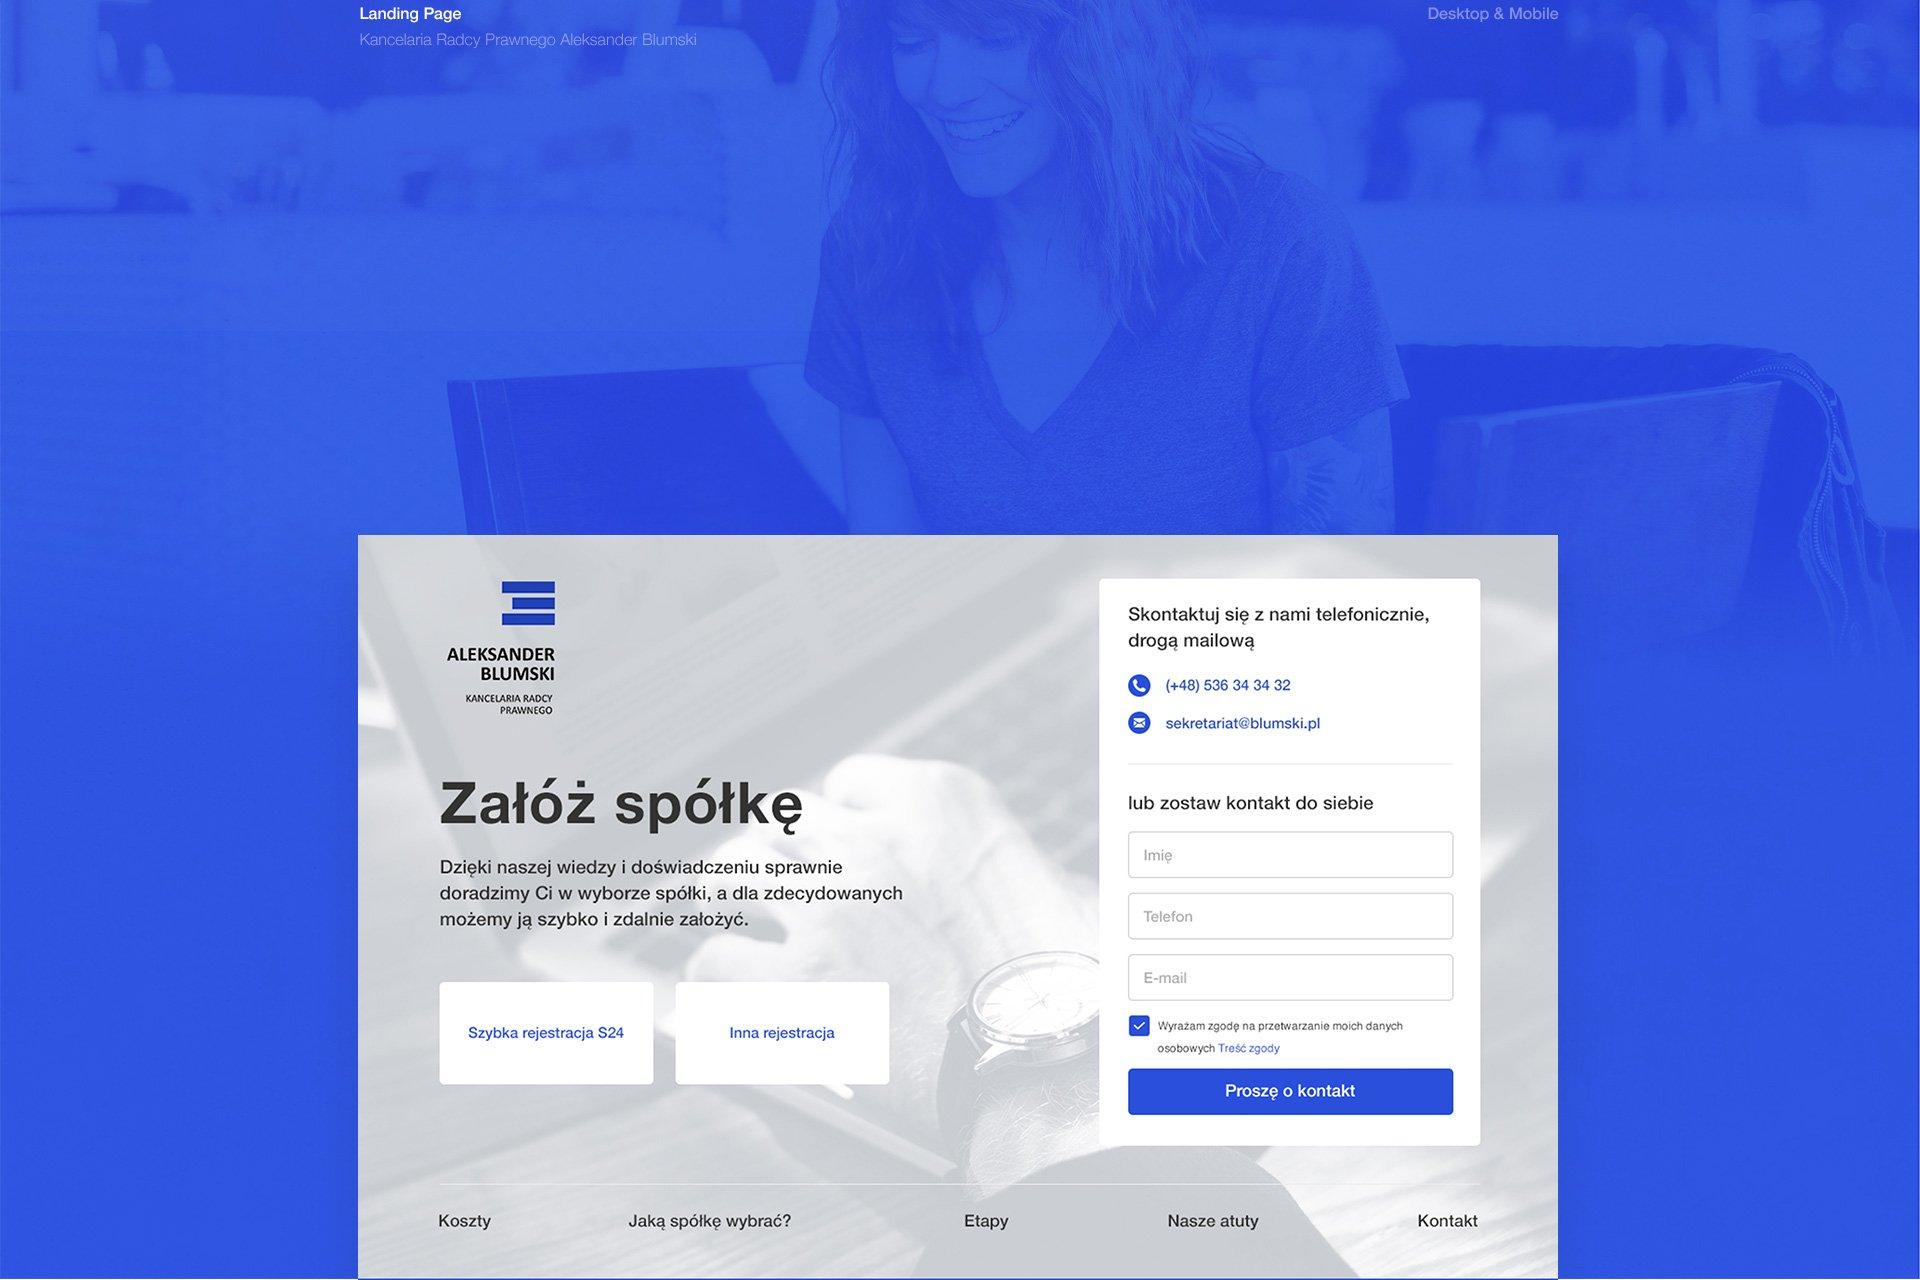 projektowanie landing page